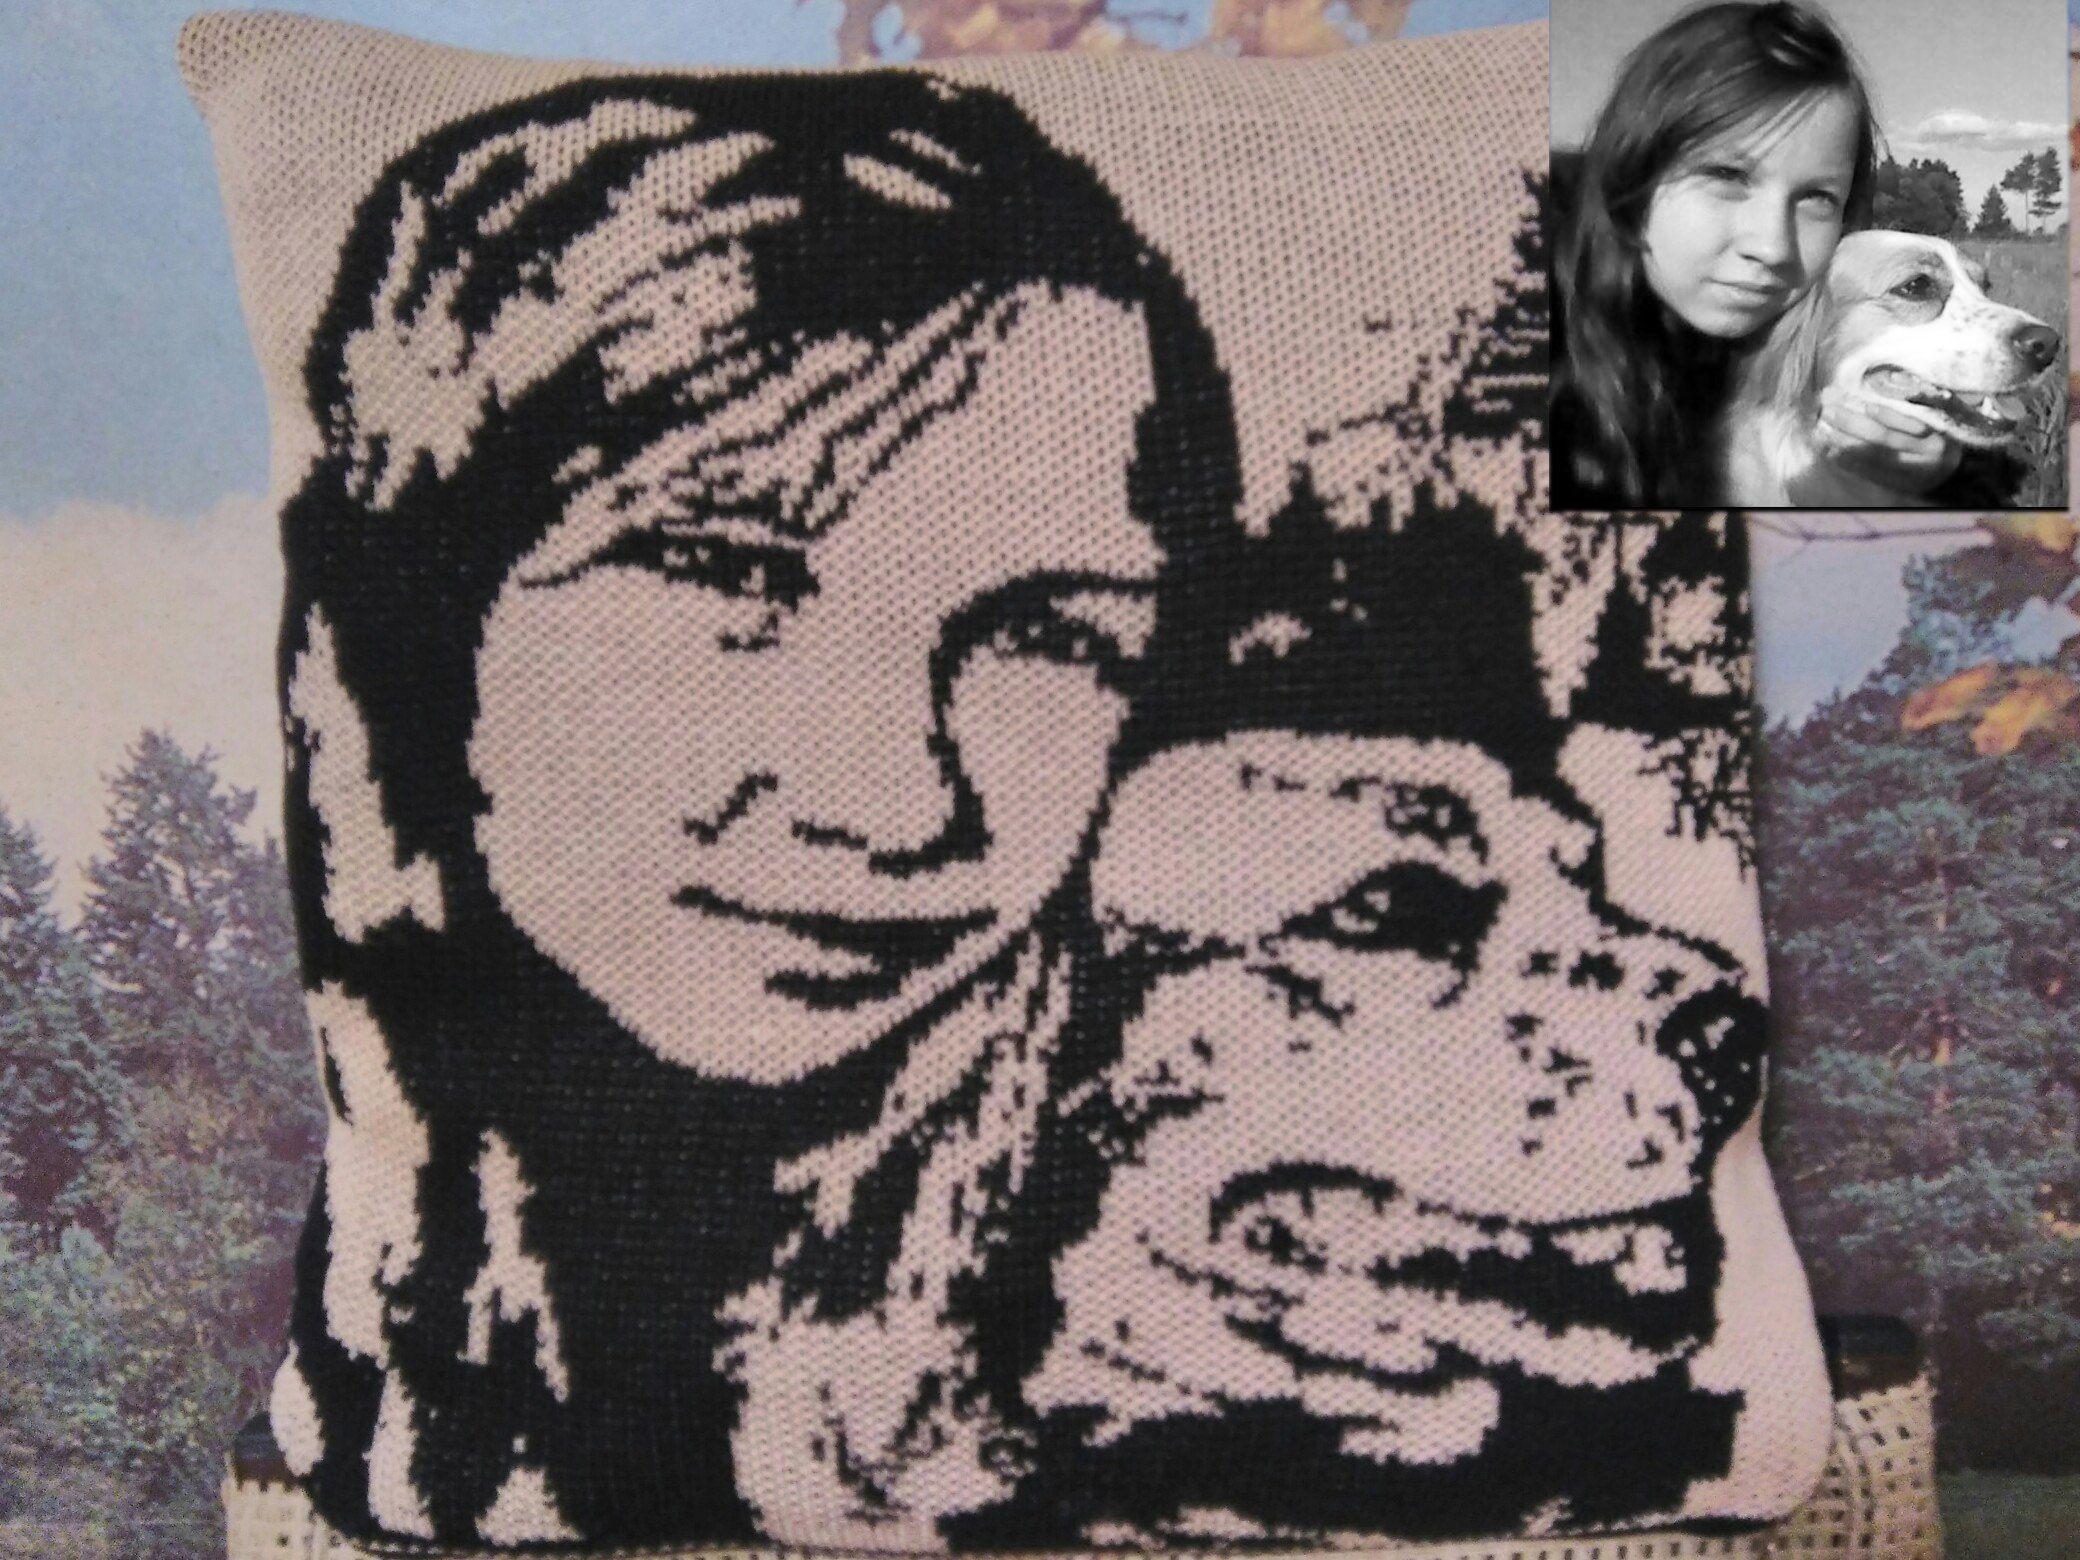 оригинальный портрет душевный мужчин детей невесты жениха изделия для эксклюзивный женщин вязание панно подарок подушка вязаные интерьерная